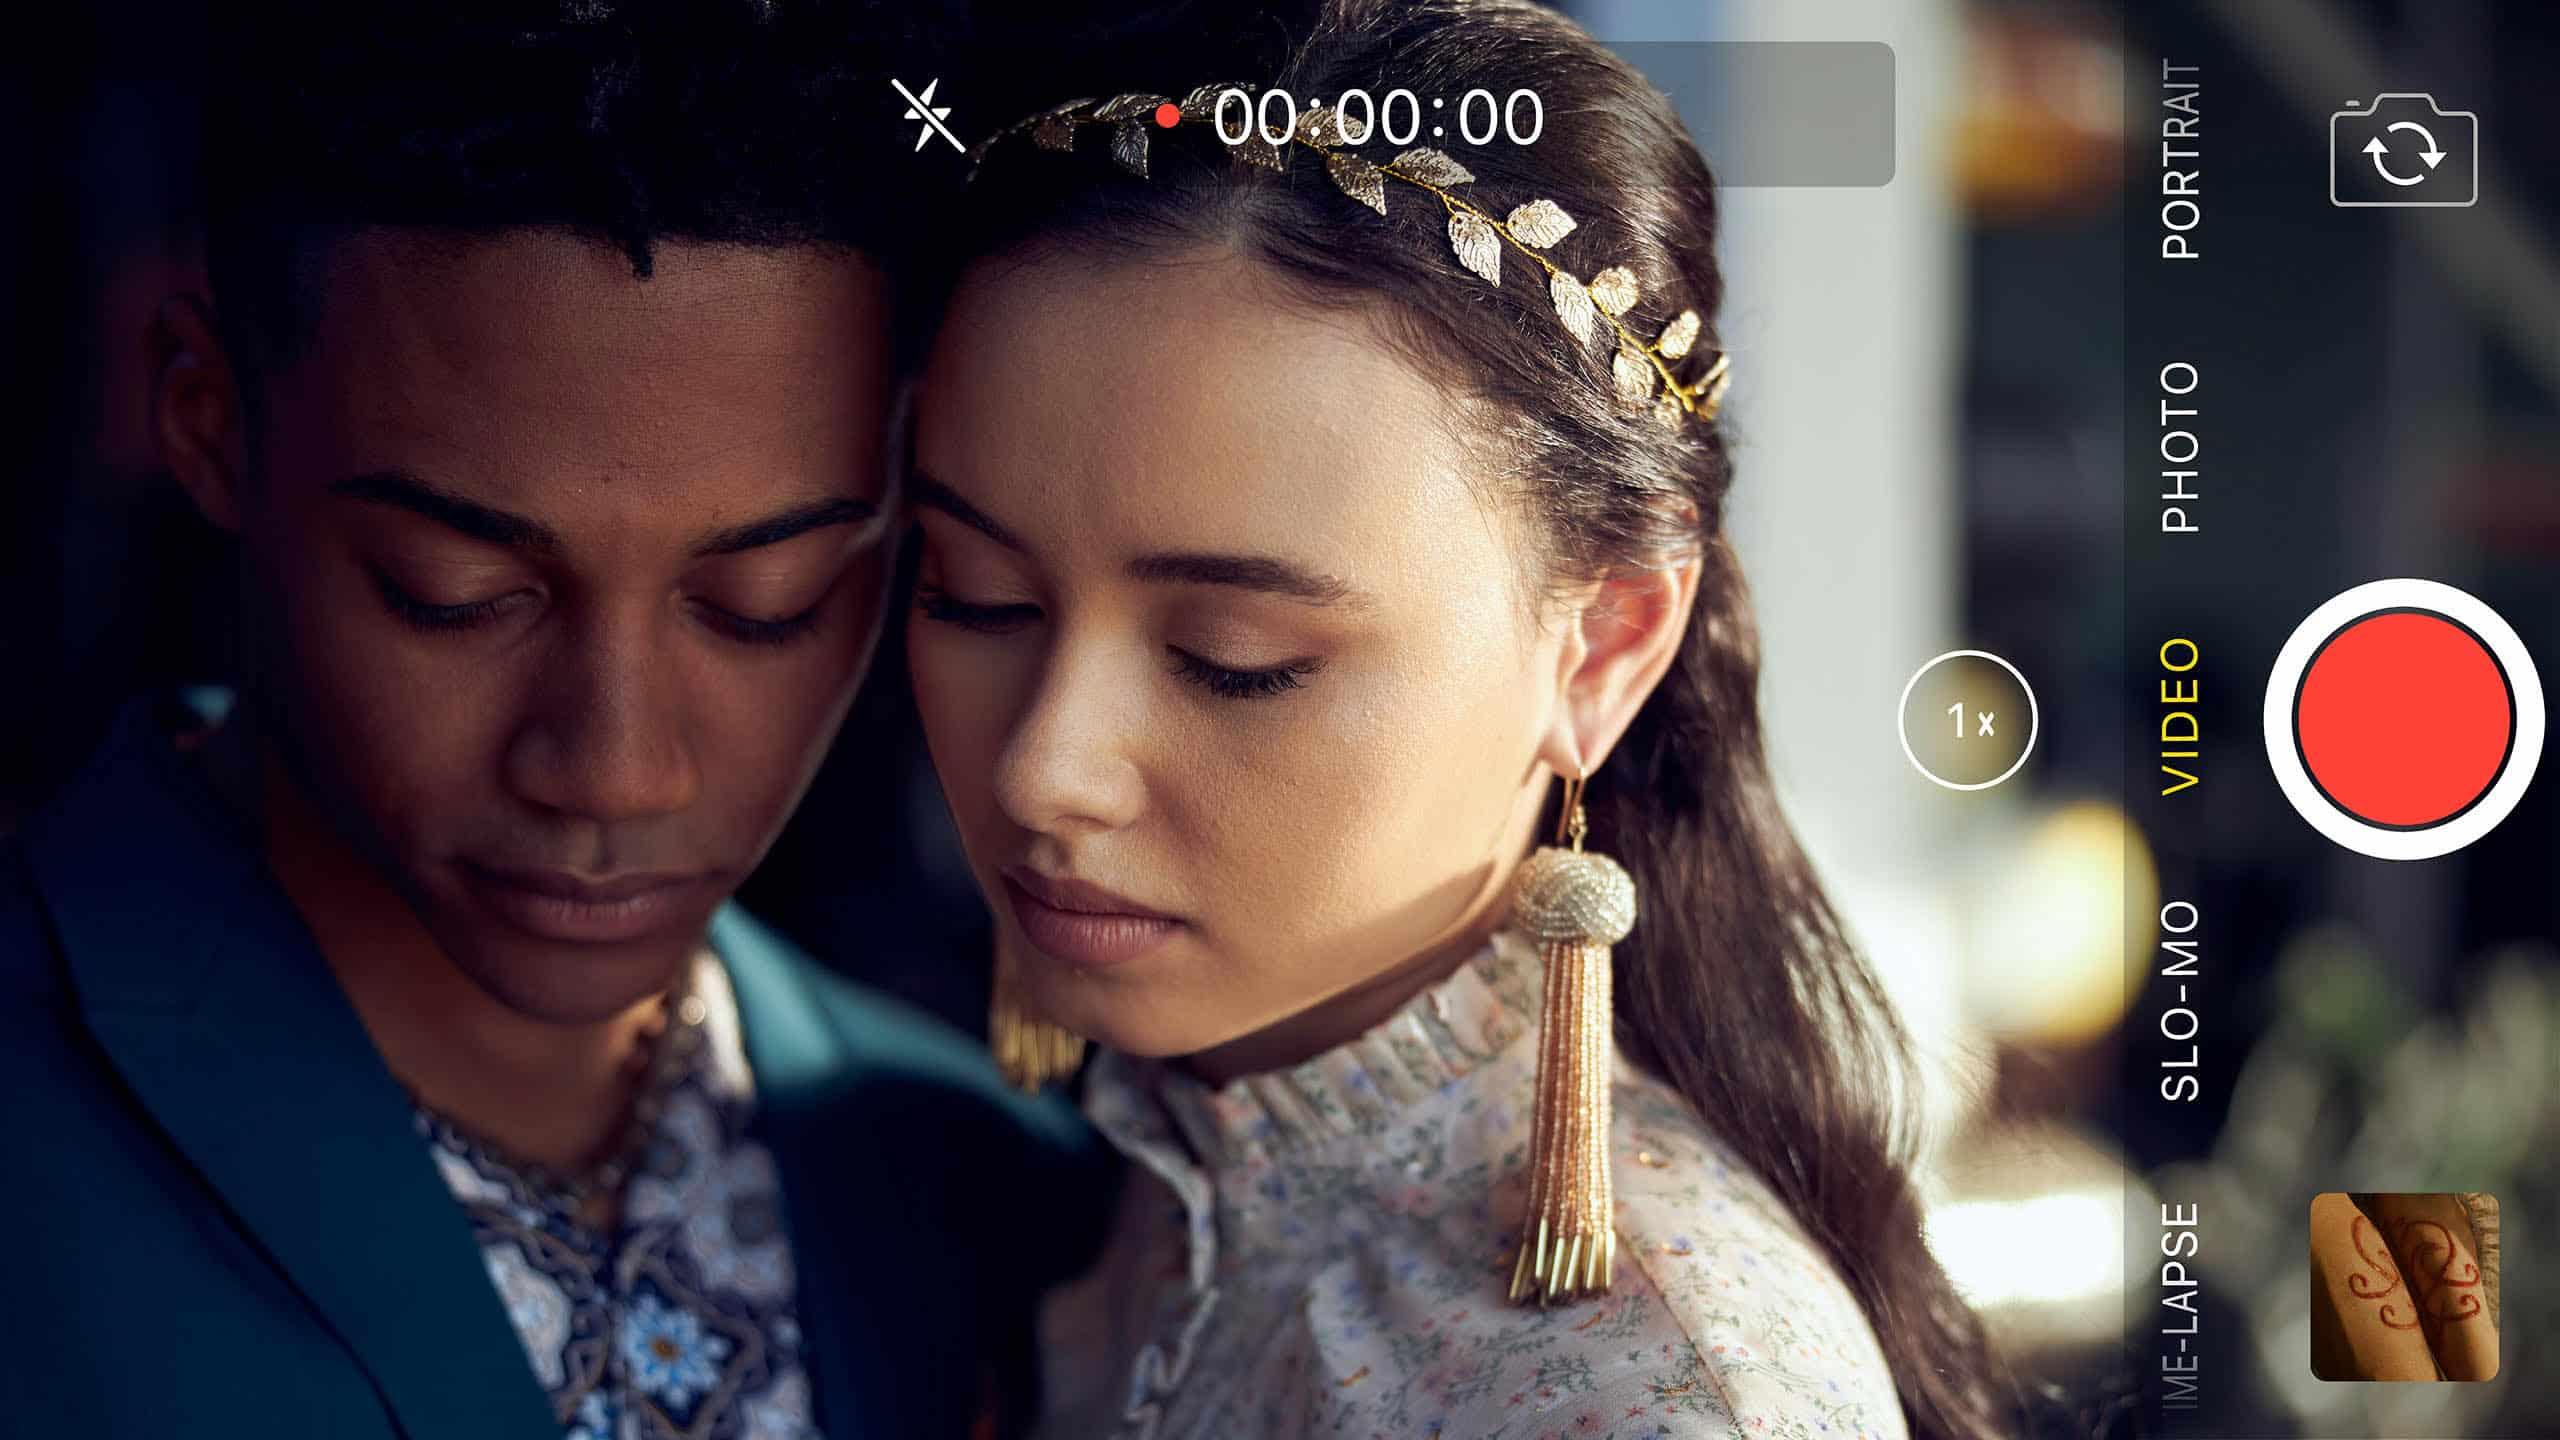 Romeo (Camaron Engels) and Juliet (Francesca Noel) after getting branded